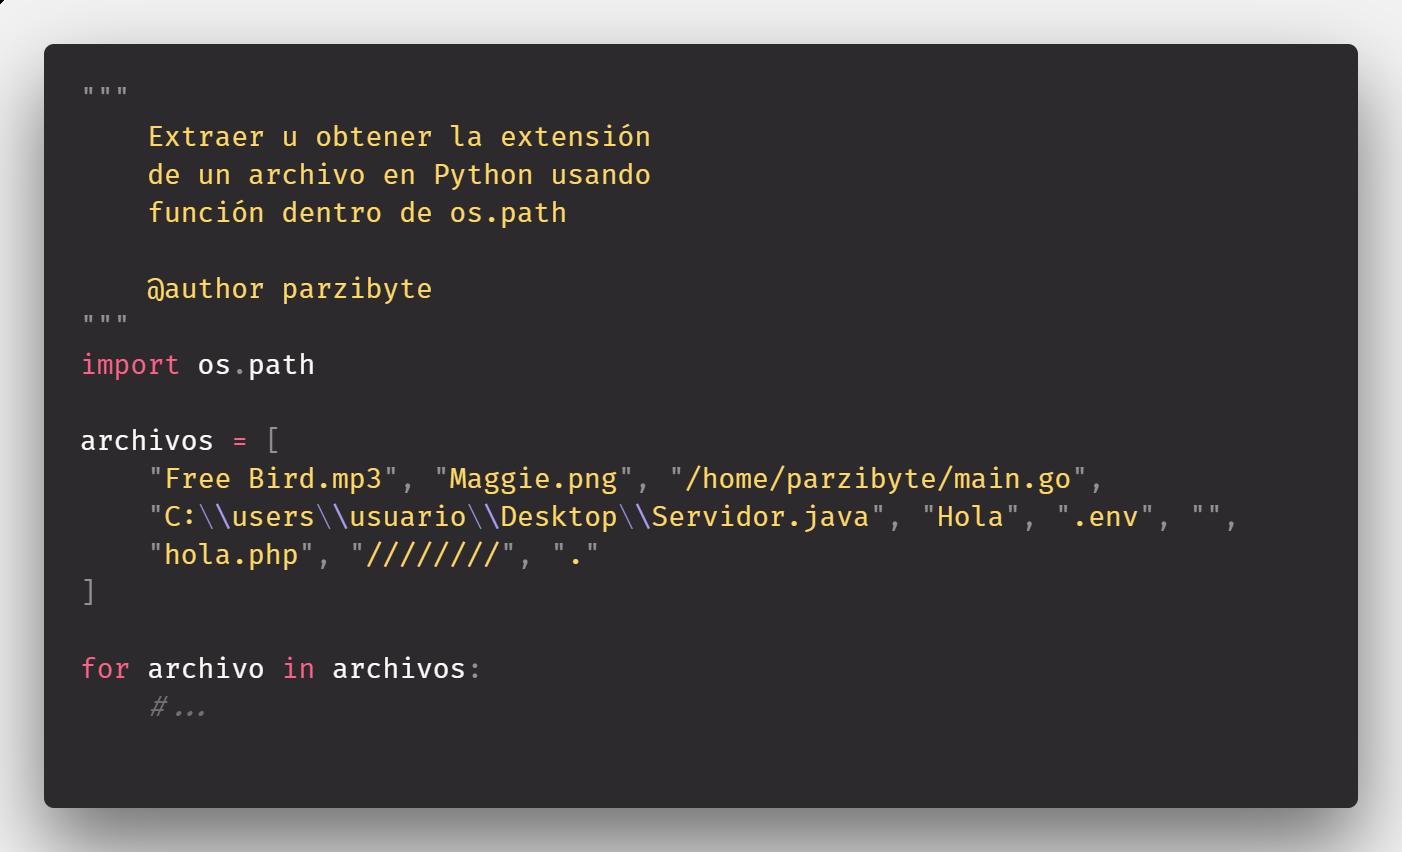 Obtener extensión de un archivo en Python 3